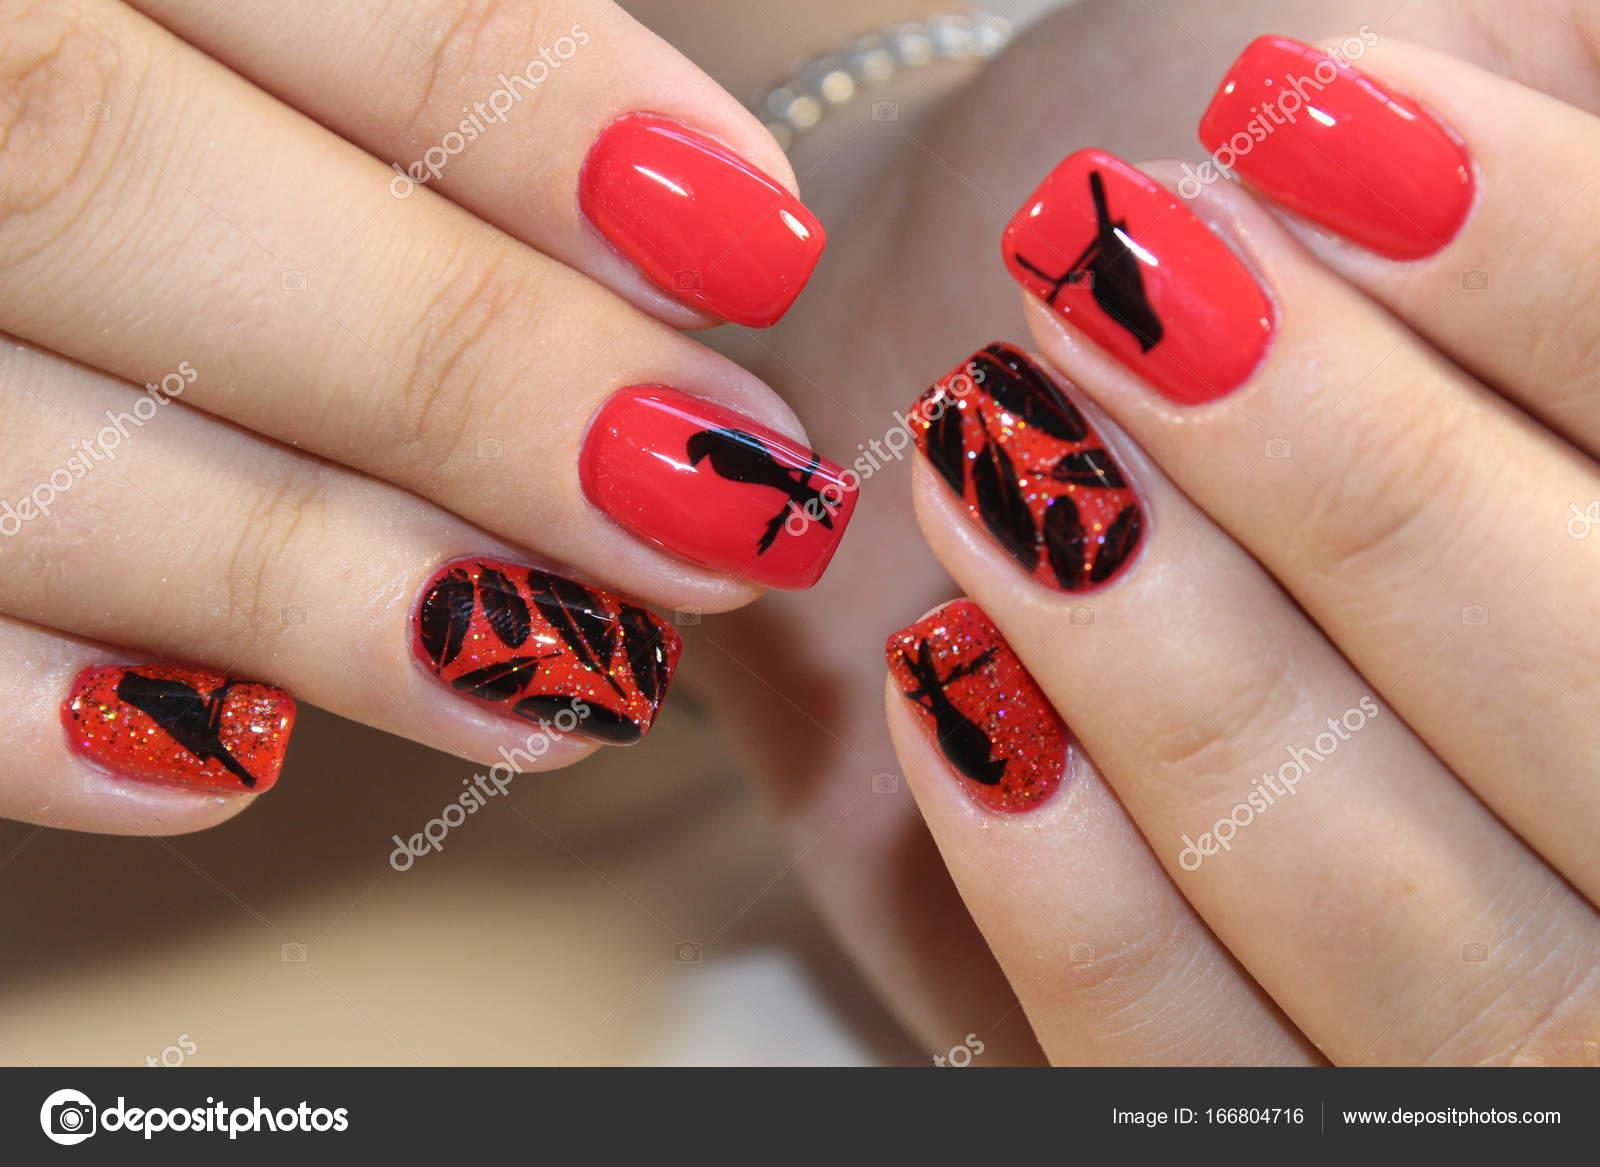 Maniküre Design rote Nägel — Stockfoto © SmirMaxStock #166804716